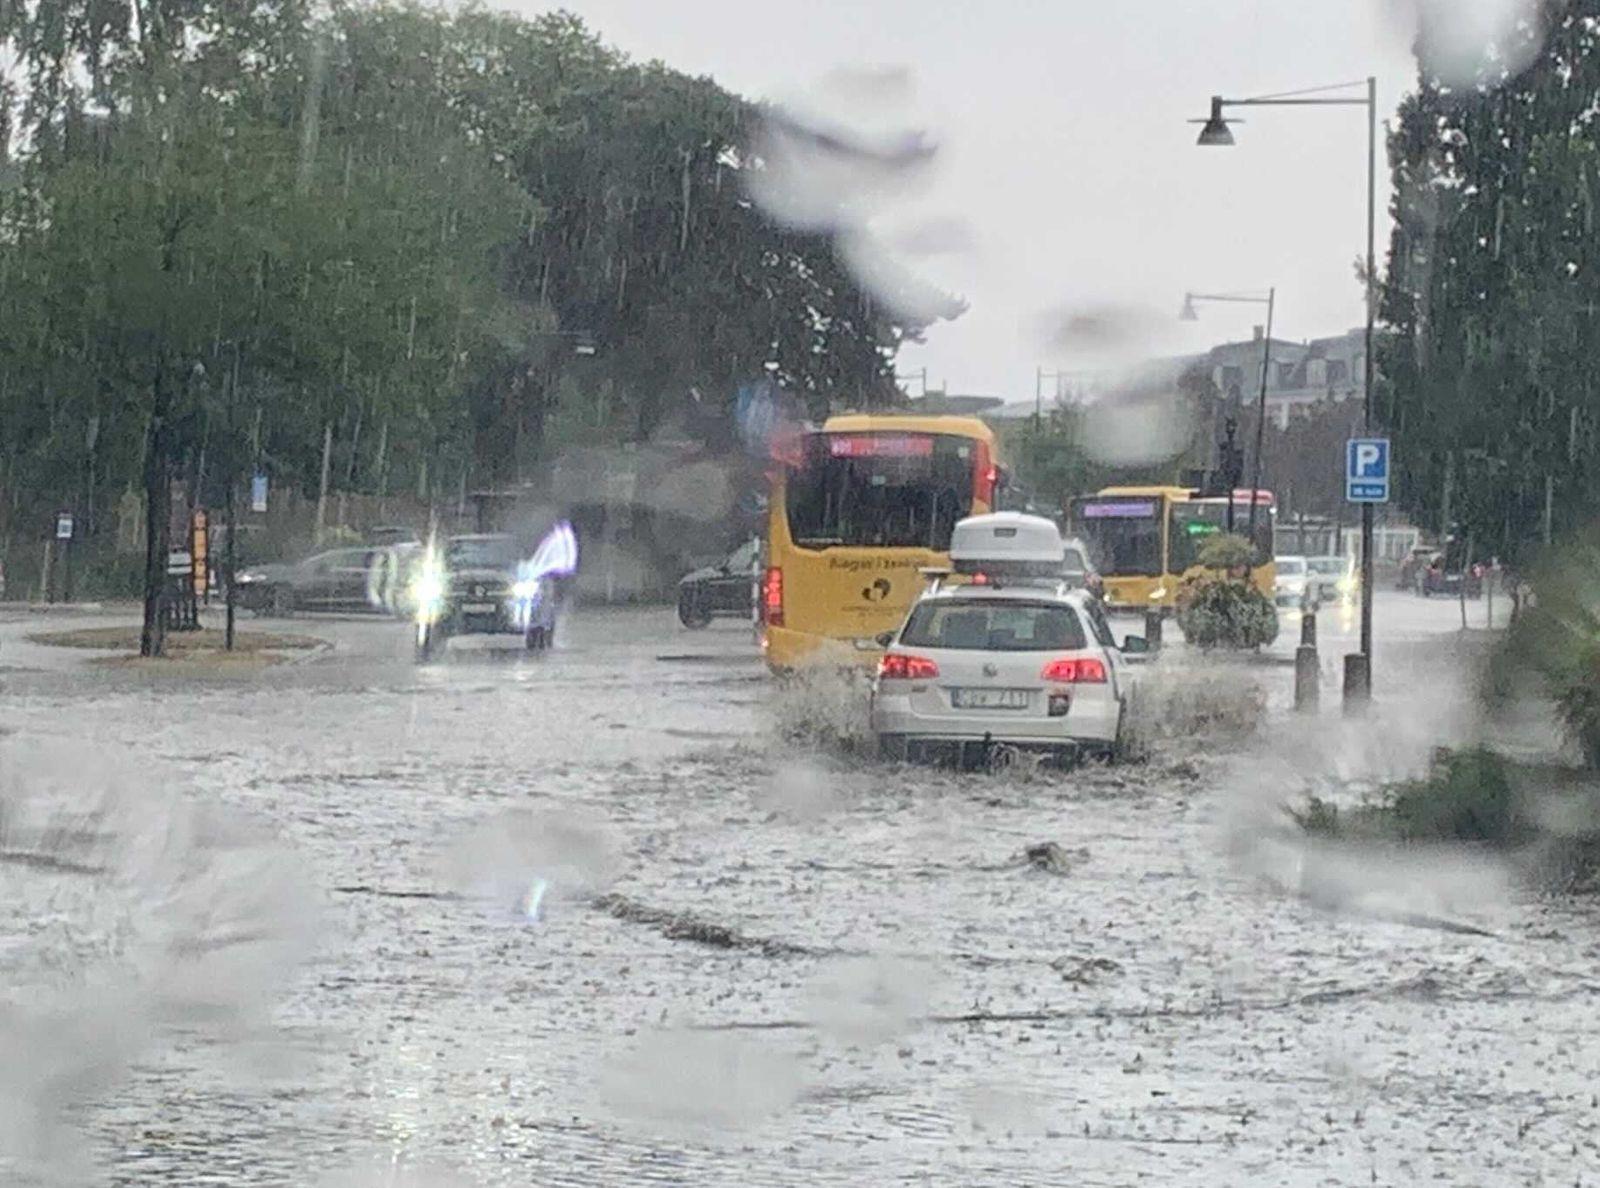 Mycket vatten vid stationen i Kalmar. En del bilar vänder för att undvika vattenmassorna.